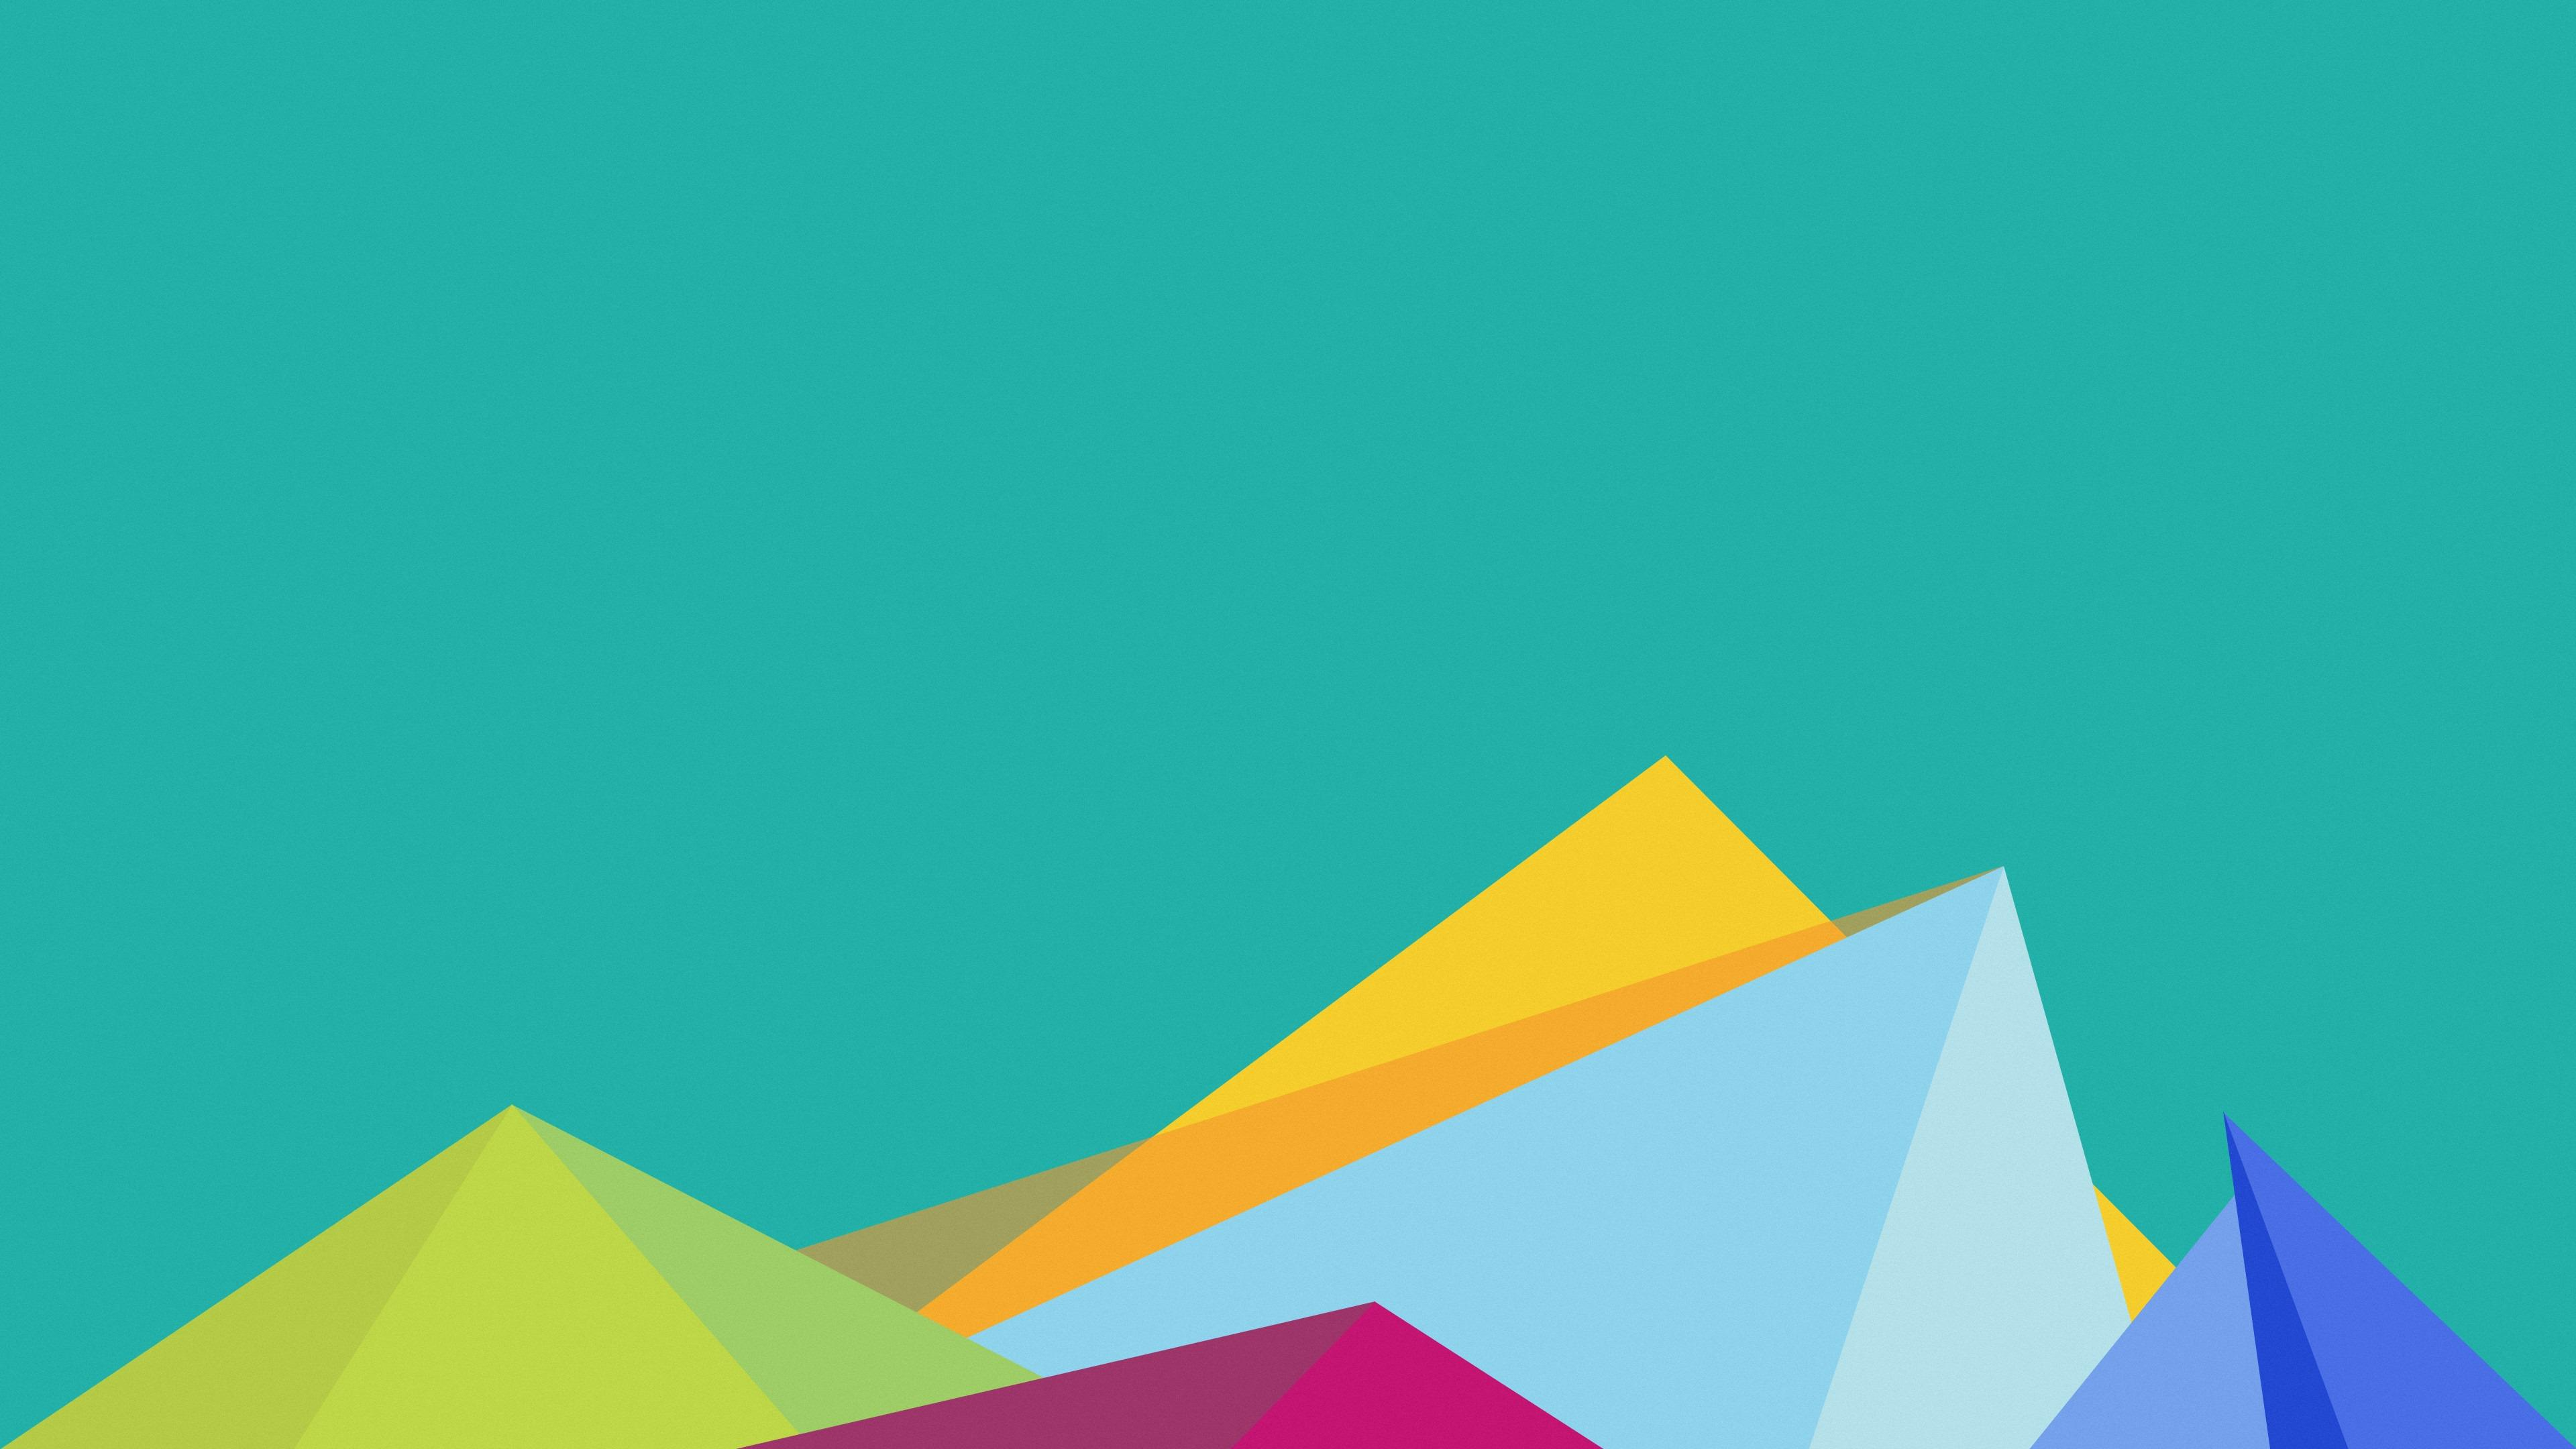 Colorful material design minimal art wallpaper